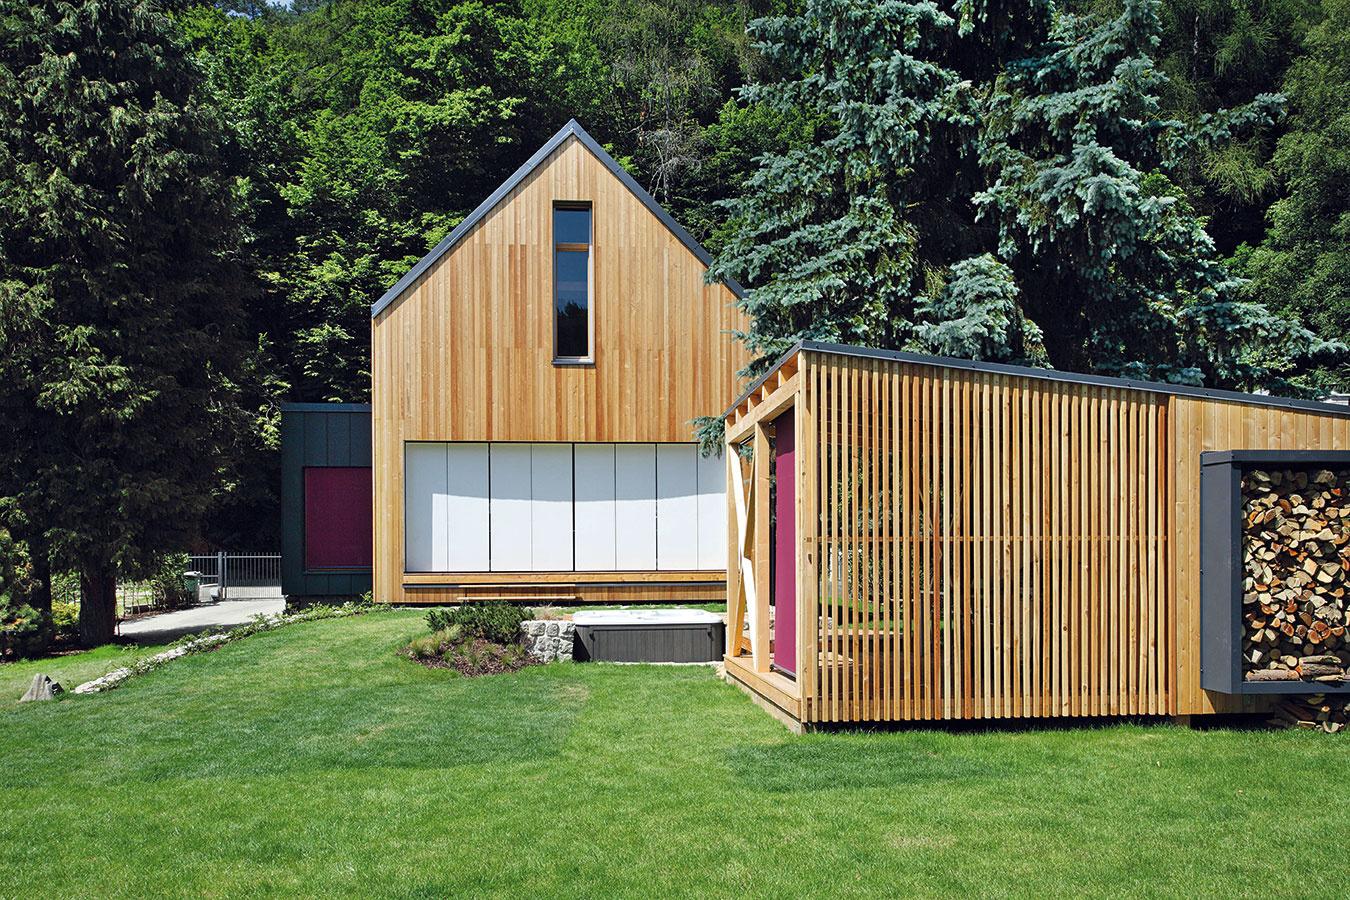 Moderný víkendový dom vStříbrné Skalici od architekta Pavla Horáka zateliéru Prodesi je osadený na základoch pôvodnej chaty. Napriek tomu sa však architekt nenechal obmedziť pôvodnou stopou avytvoril jednoduchý, ale pohodlný drevodom nielen na víkendové využitie.